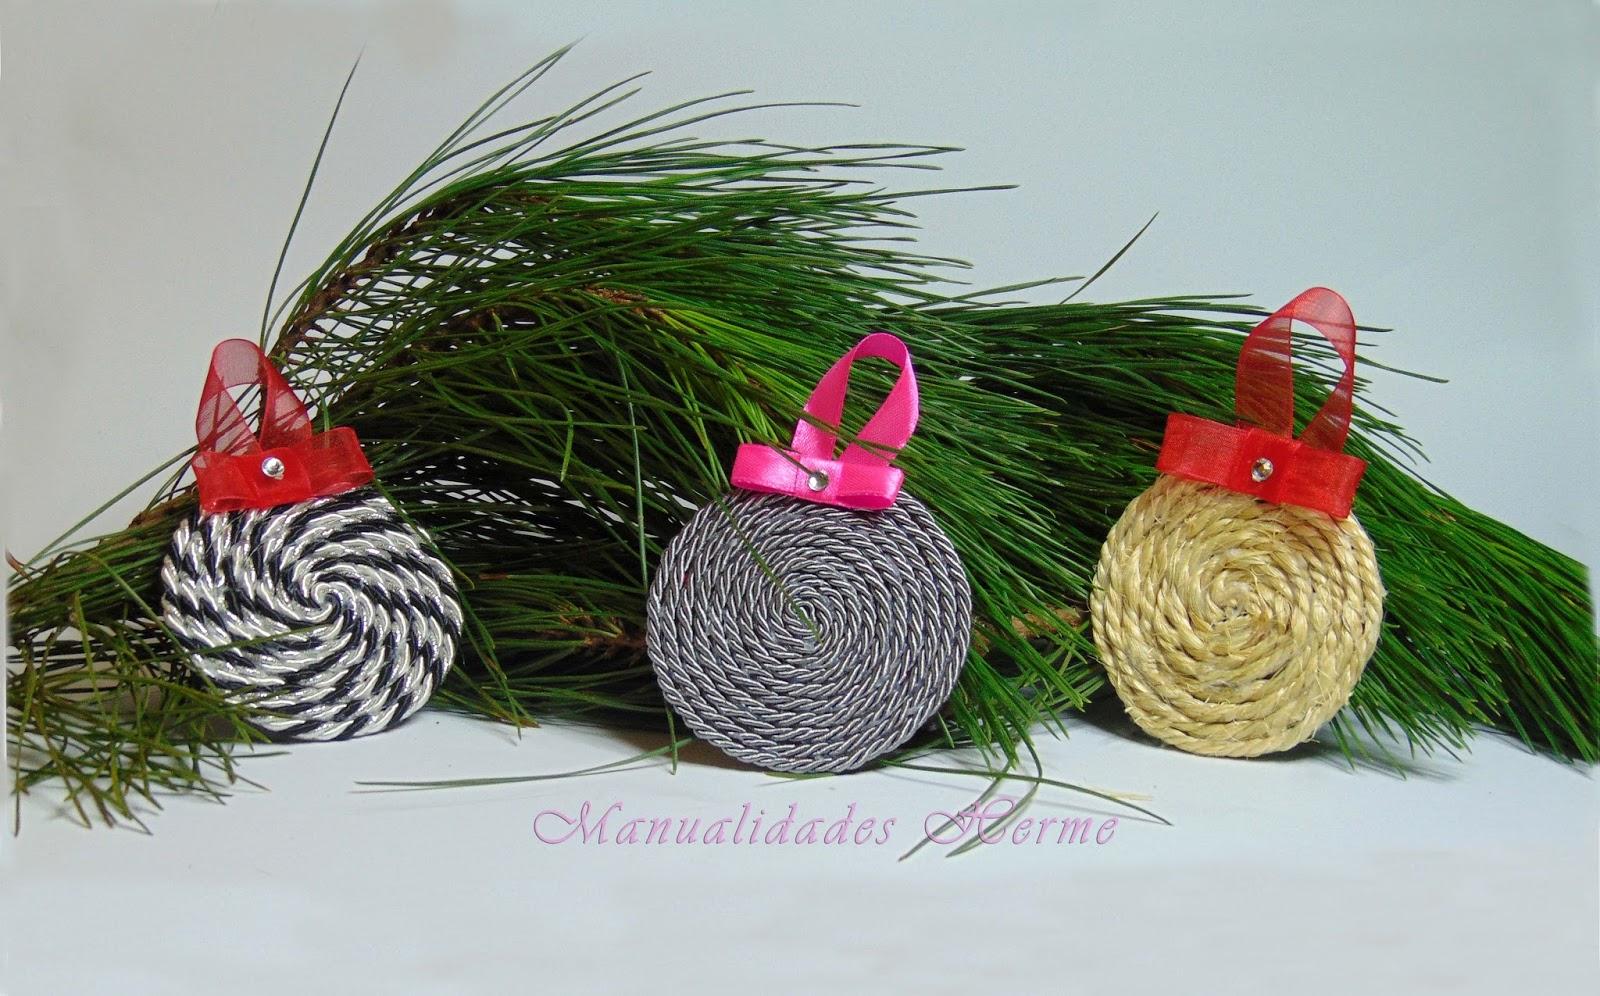 Manualidades herme diy adorno de navidad para el rbol for Adornos navidenos para el arbol